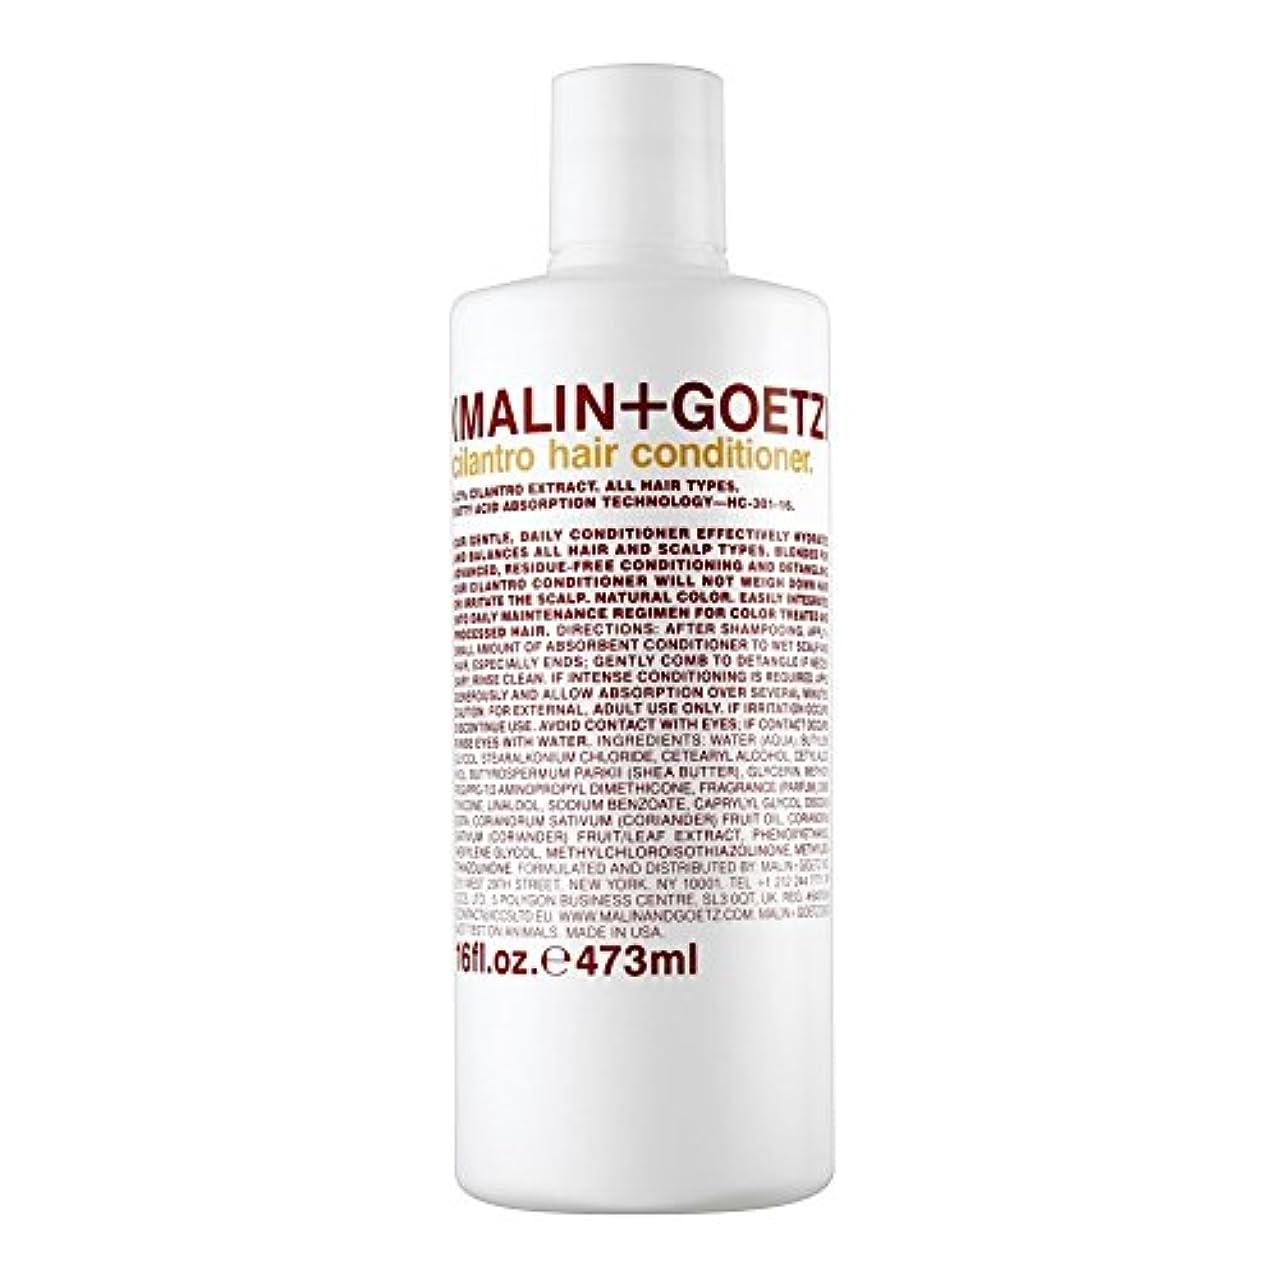 使役残酷なジャベスウィルソンMALIN+GOETZ Cilantro Hair Conditioner 473ml (Pack of 6) - マリン+ゲッツコリアンダーのヘアコンディショナー473ミリリットル x6 [並行輸入品]